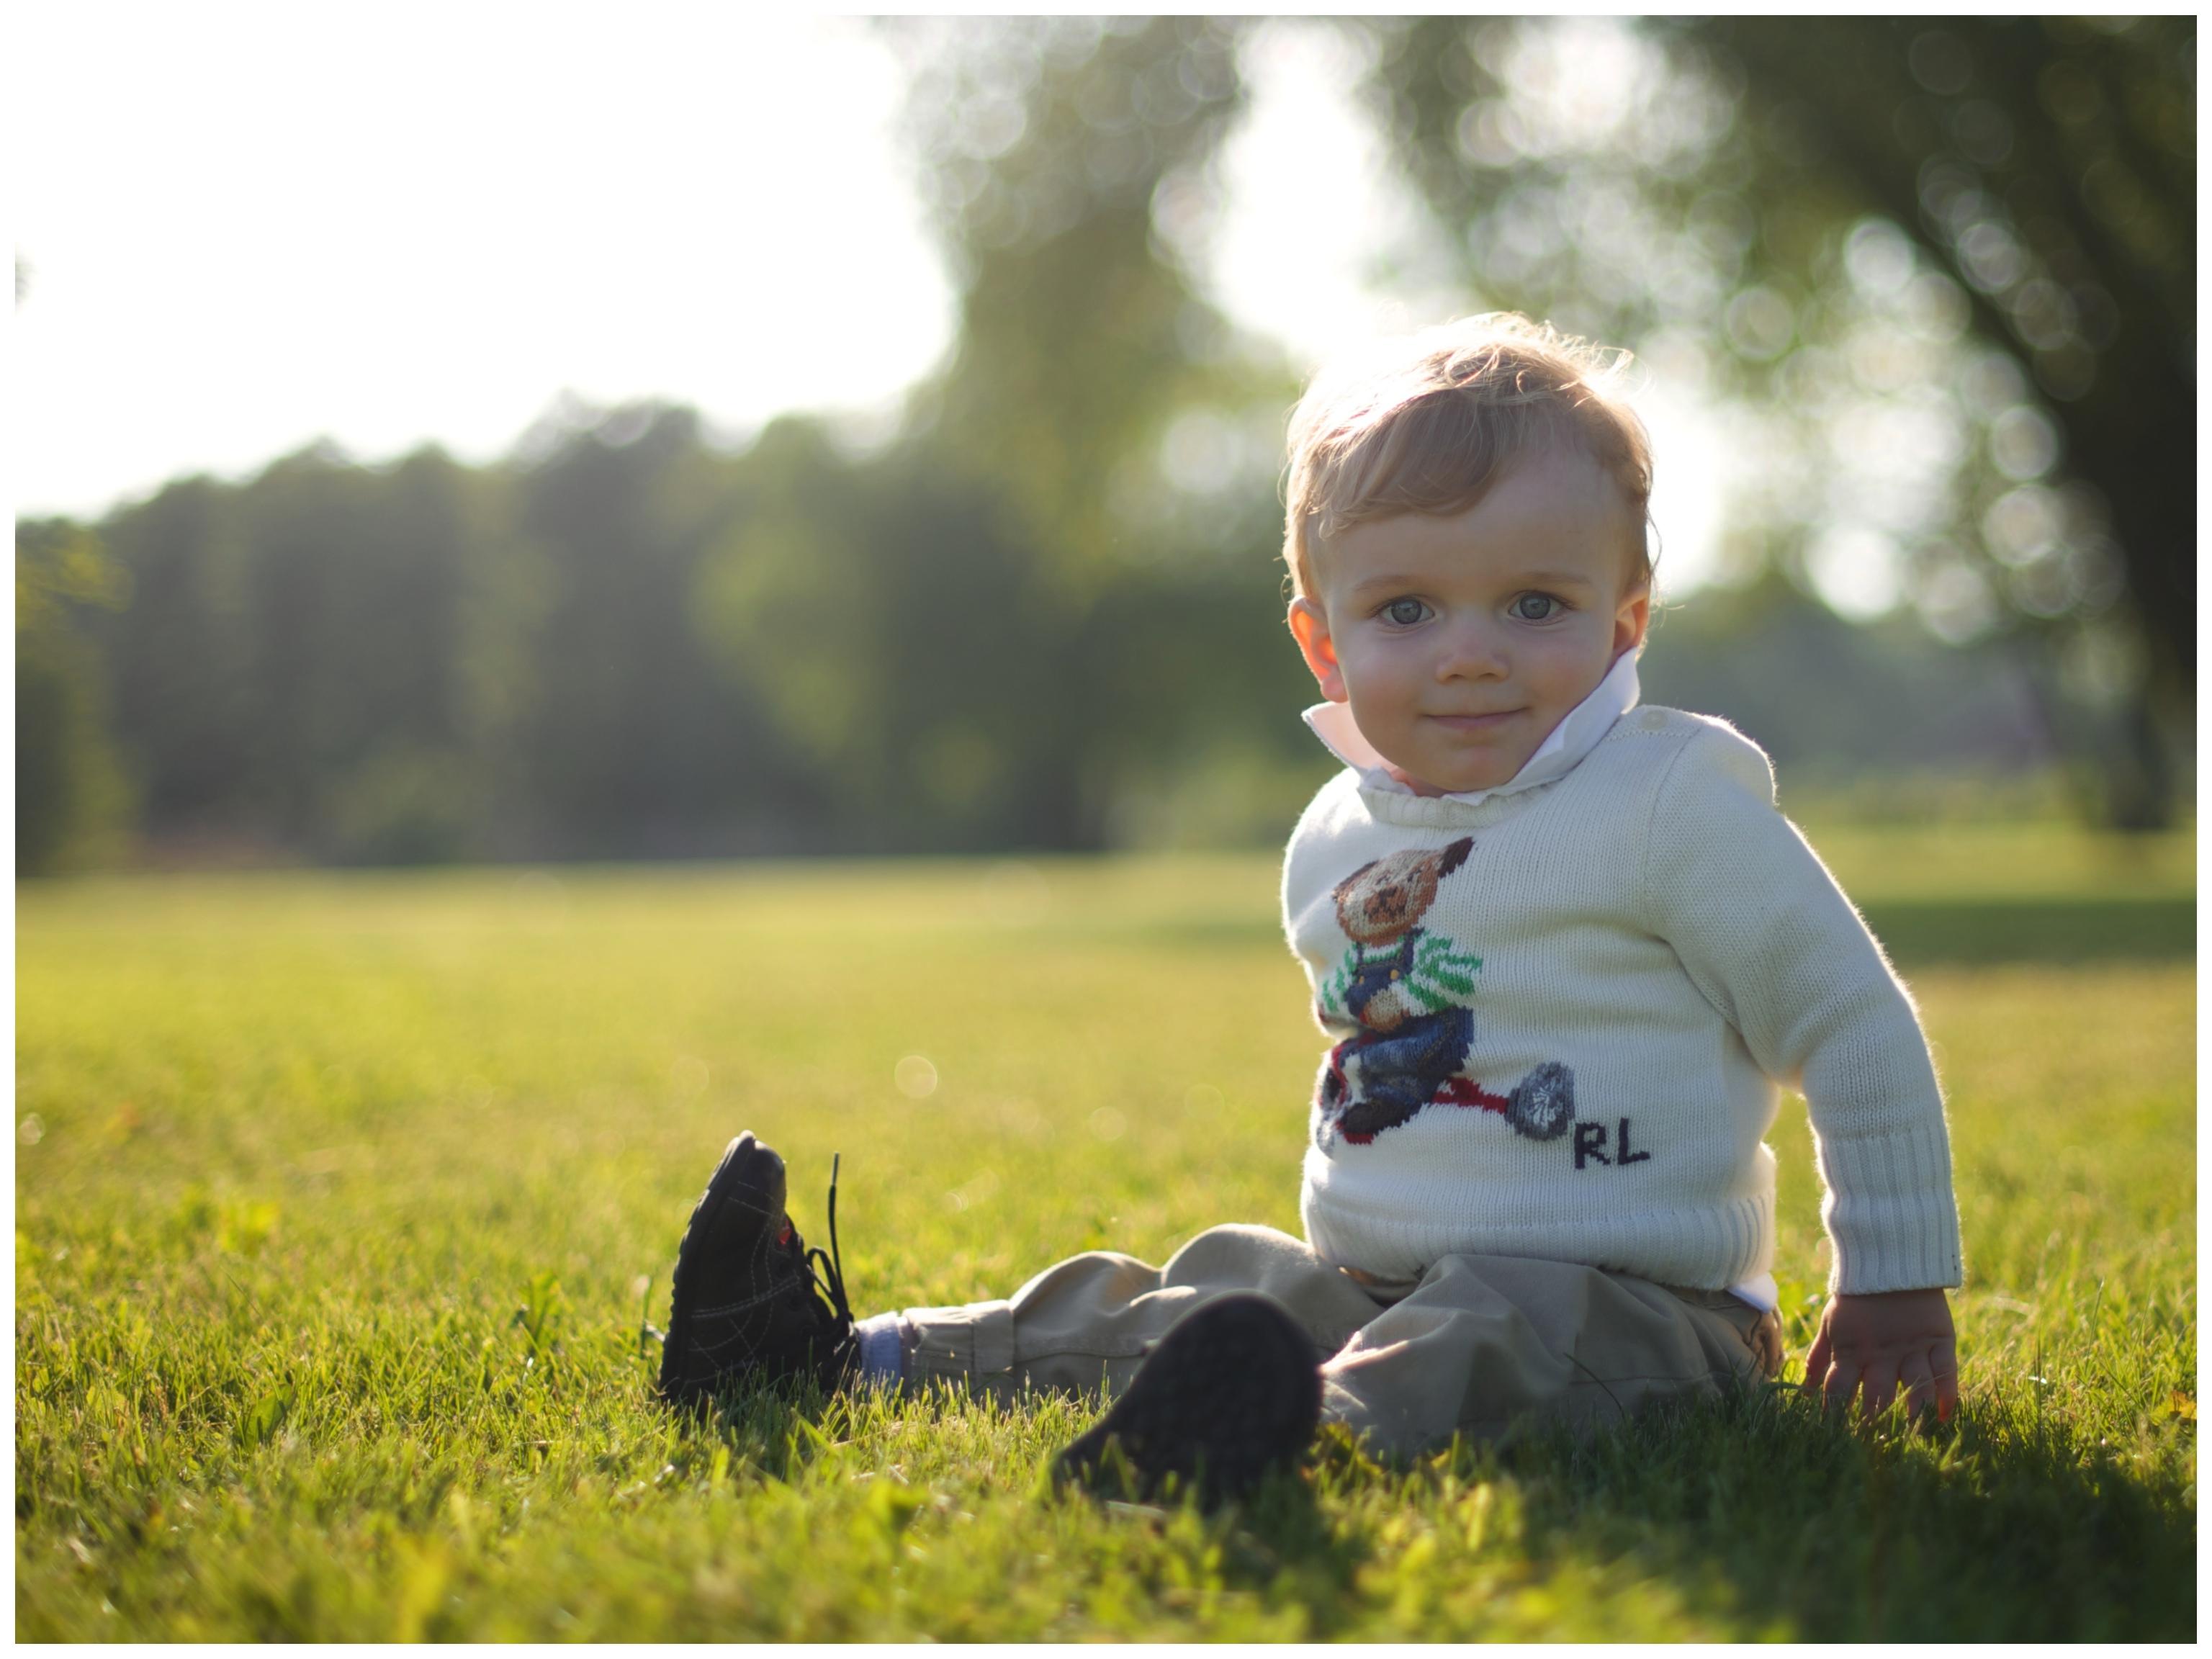 Familjefotografering i Täby utomhus . Naturliga barnporträtt med Erika Aminoff